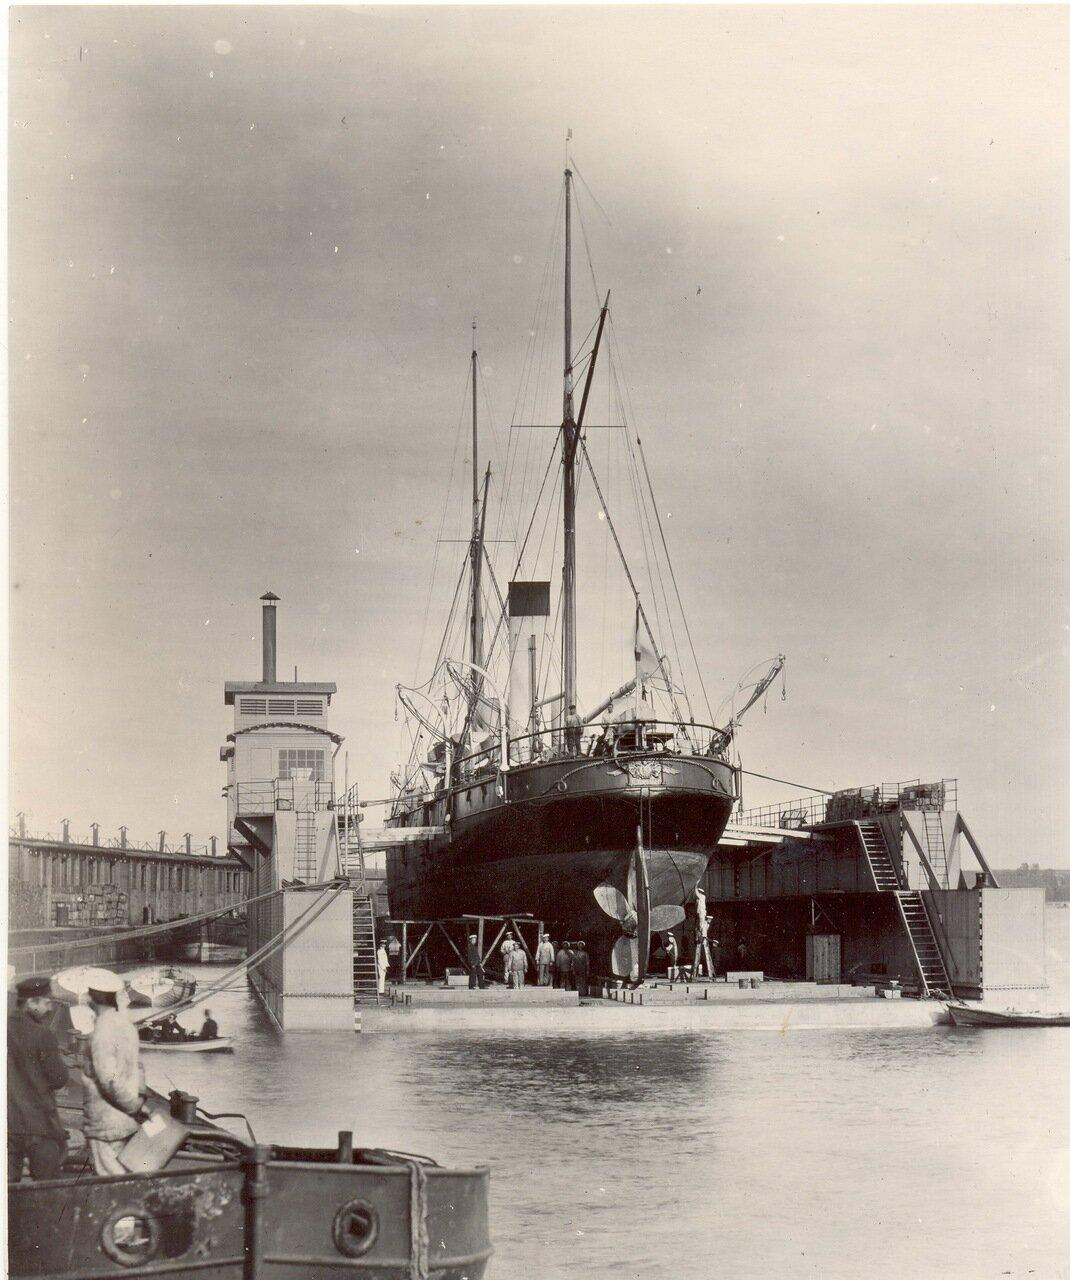 Транспорт «Самоед» в плавдоке Металлического завода. Балтийский флот